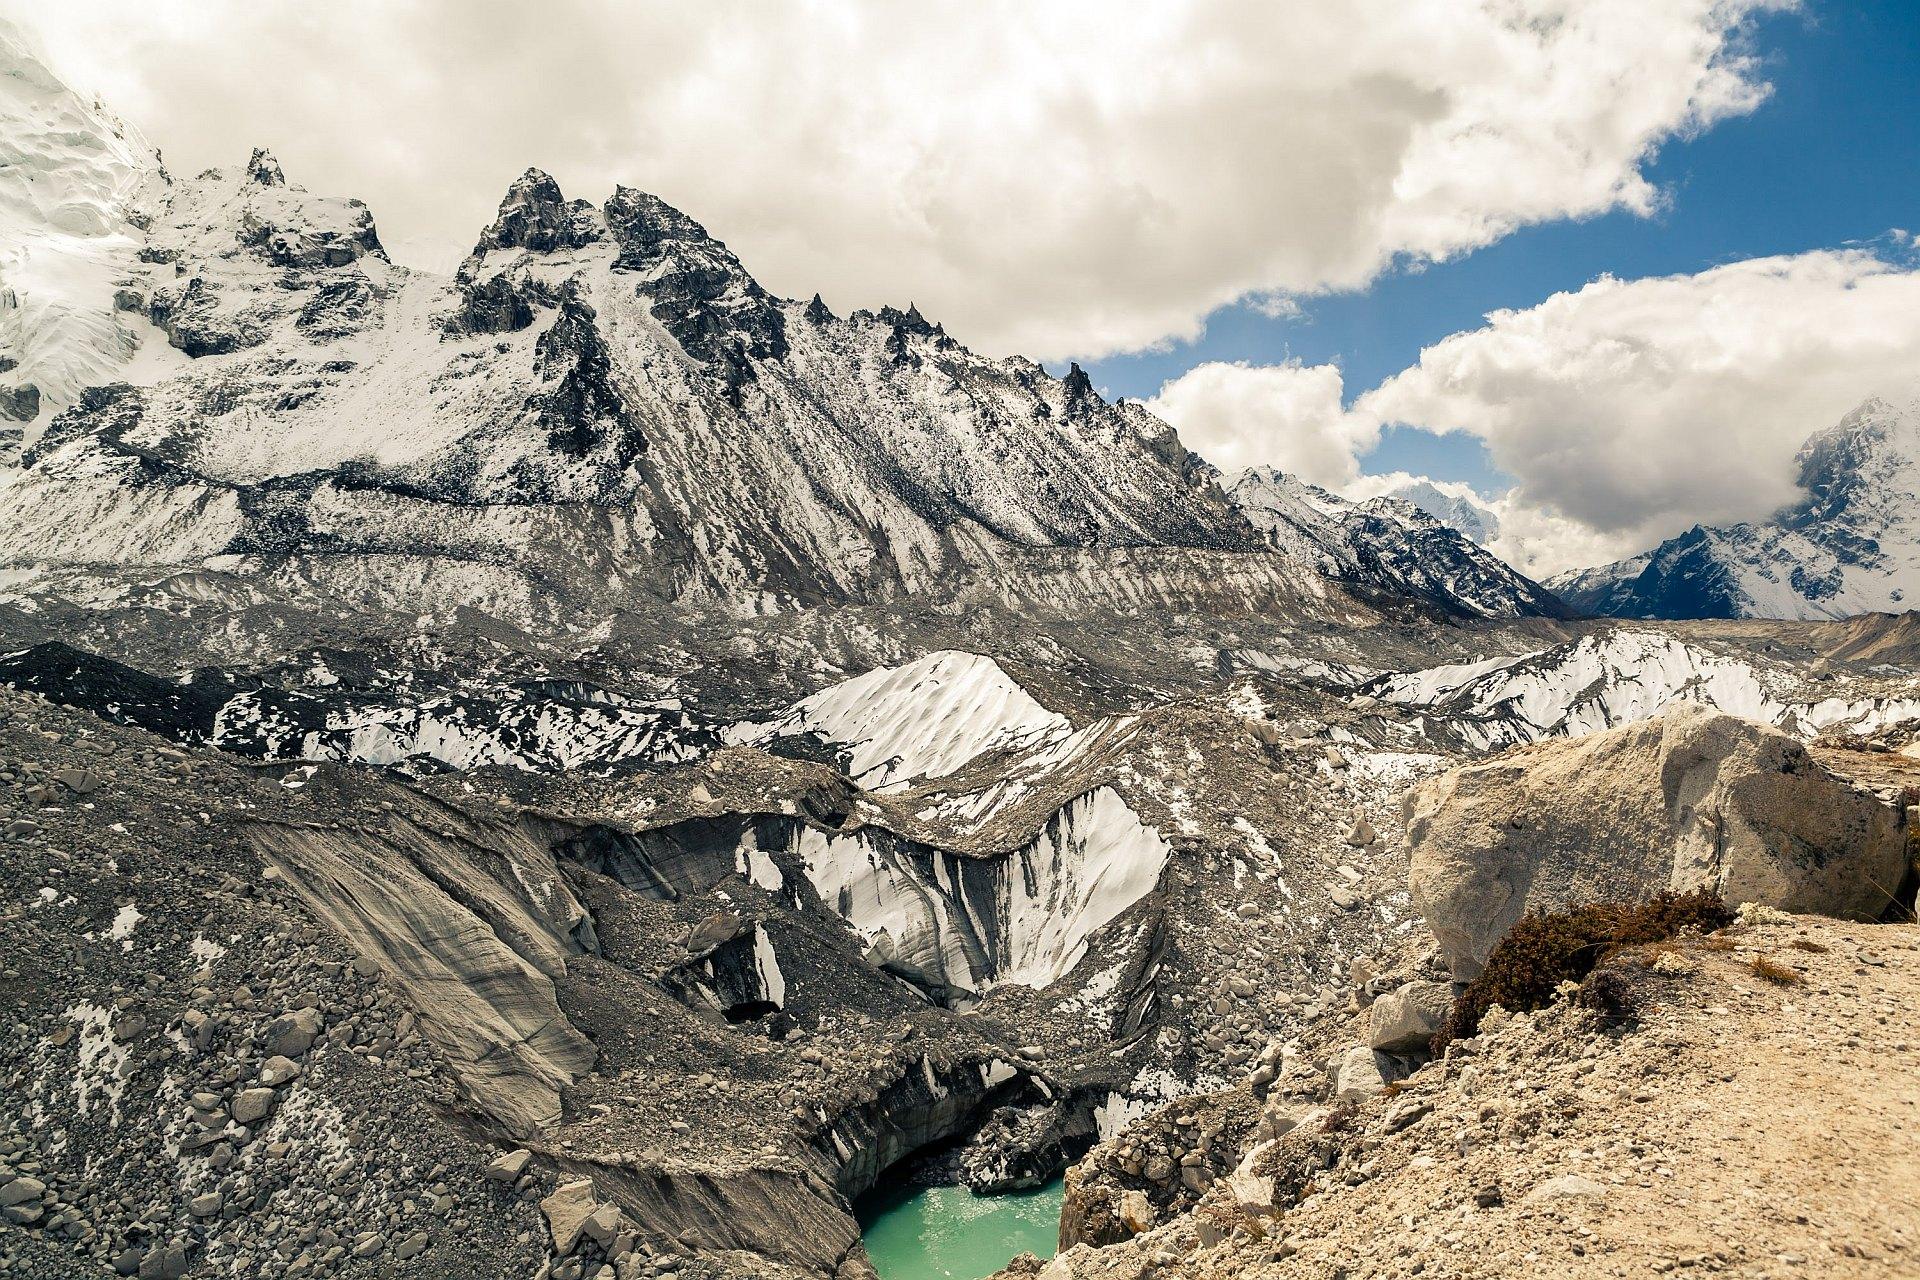 Lodowiec i jezioro Khumbu w drodze do Everest Base Camp, Himalaje, Nepal